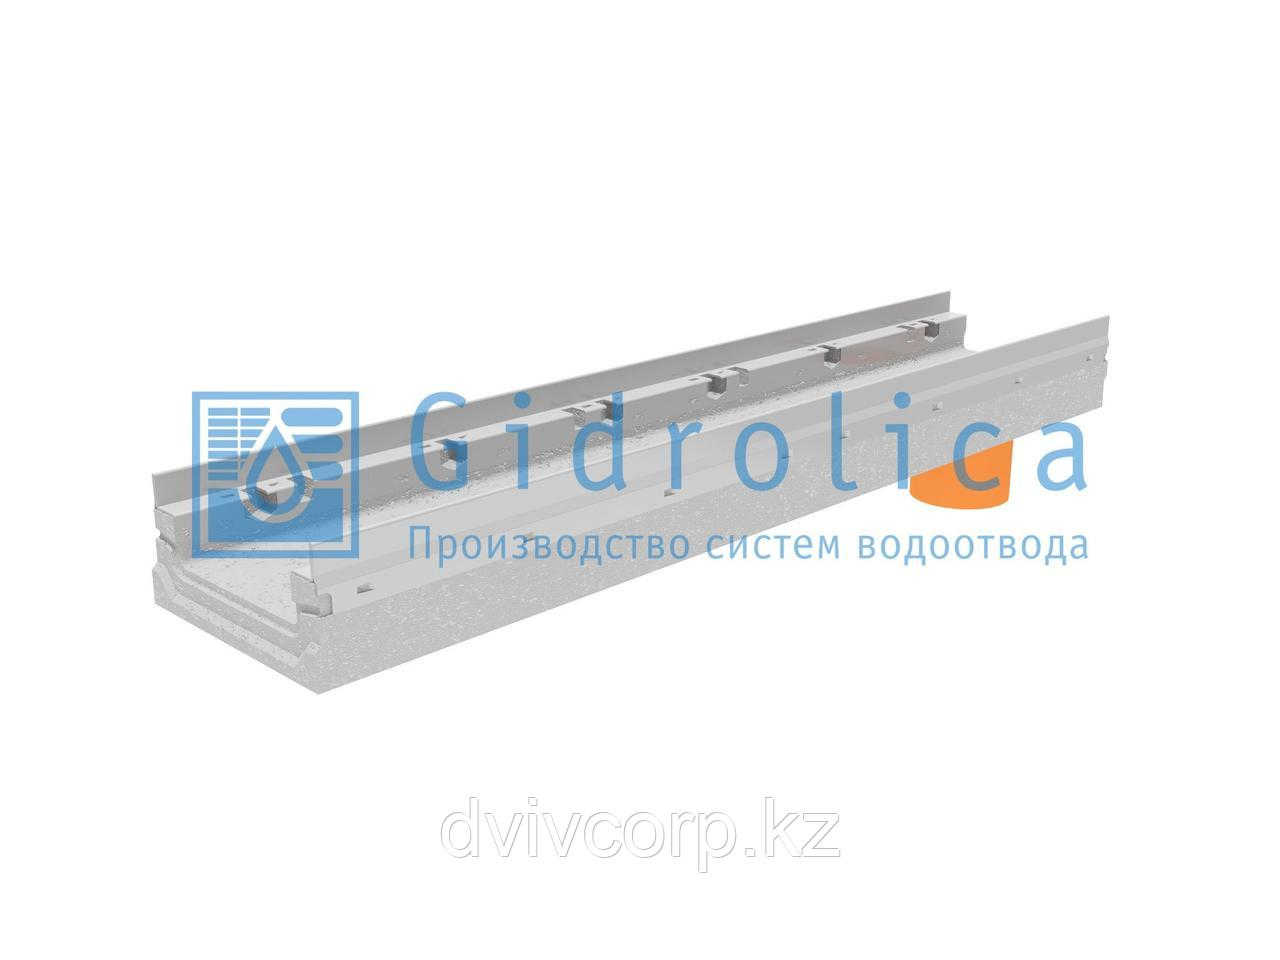 Лоток водоотводный бетонный коробчатый (СО-150мм), с оцинкованной насадкой, с водосливом КПв 100.21,3